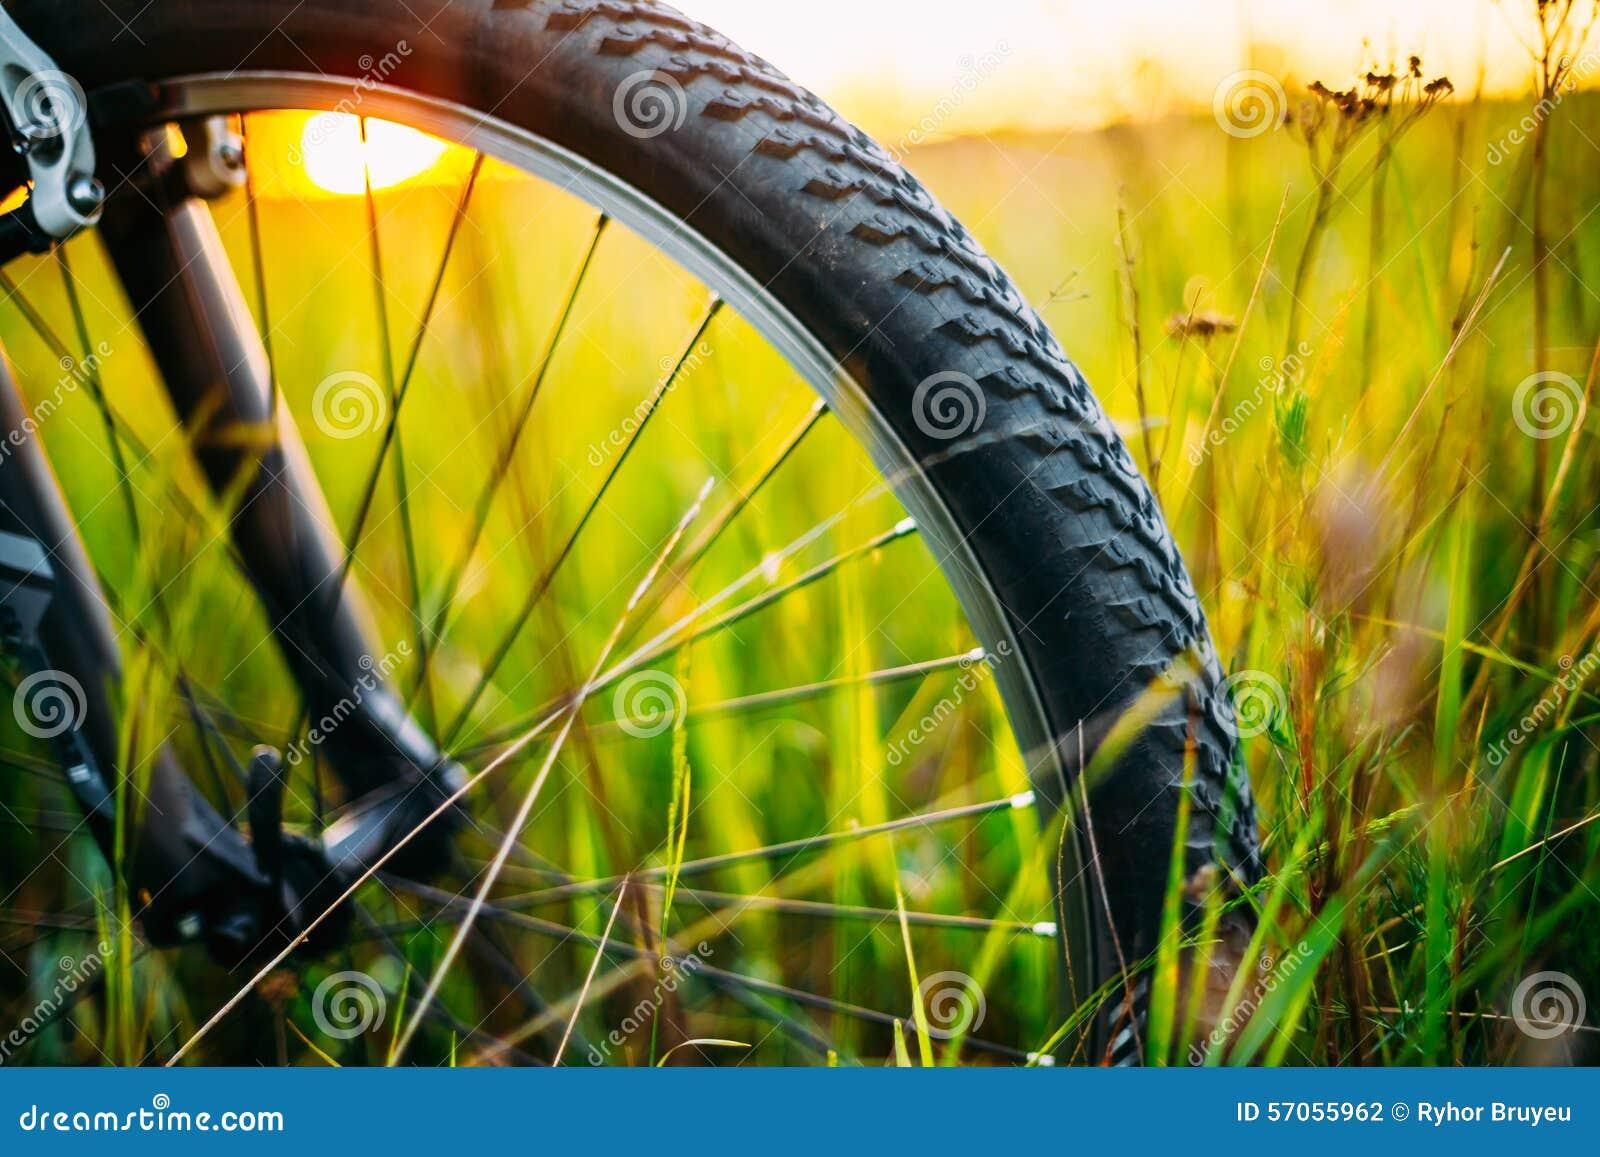 Fietswiel in de Weide van het de Zomer Groene Gras